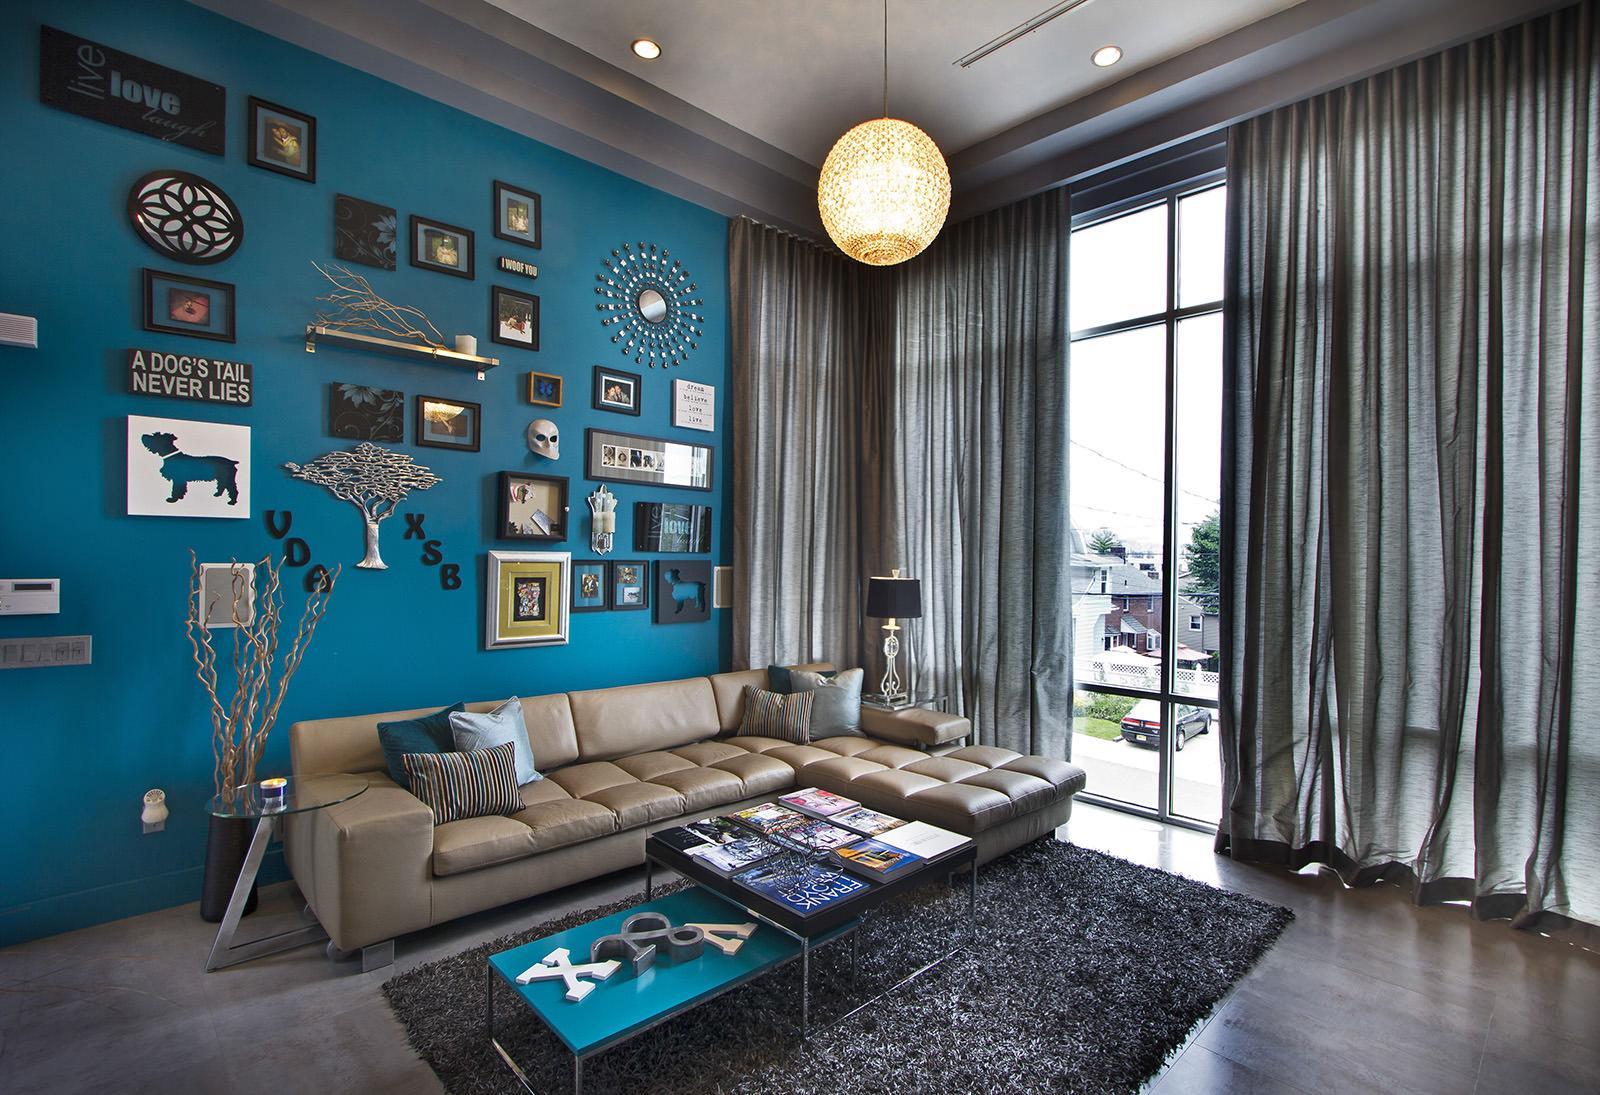 Зелено-голубая стена в интерьере